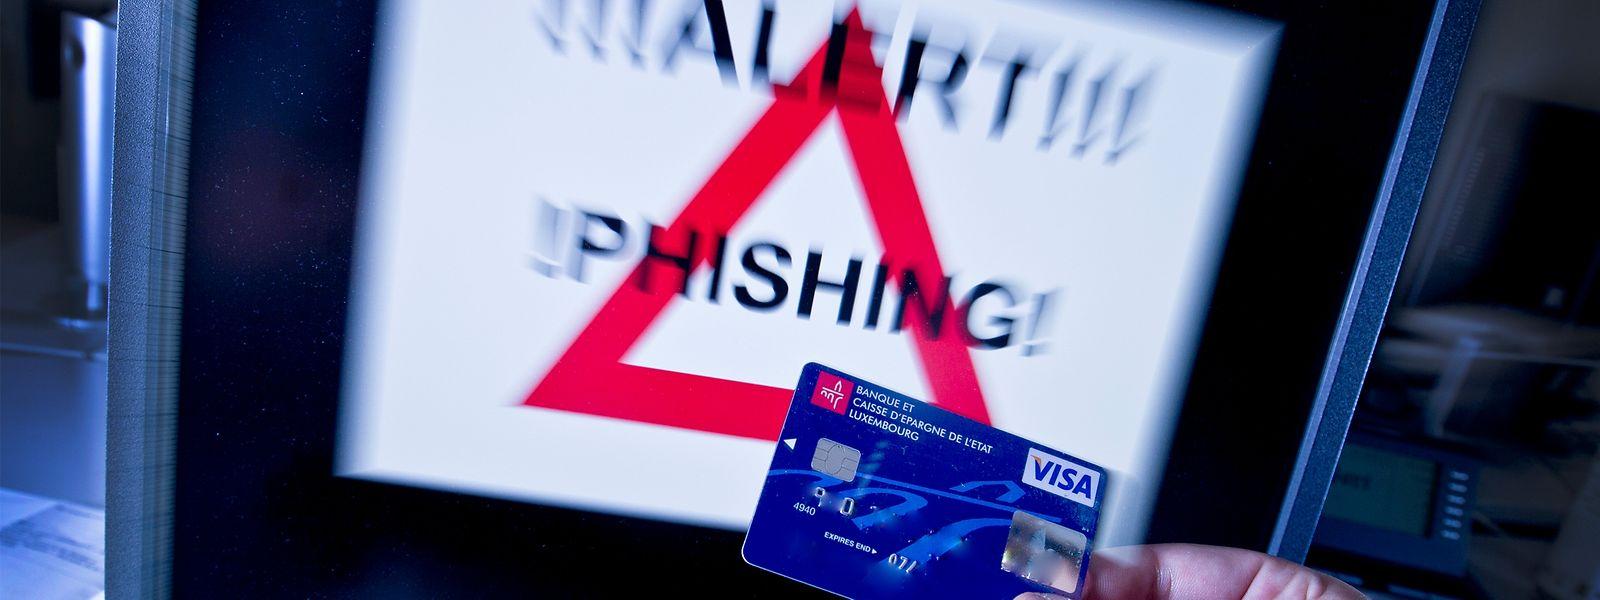 Beim Phishing werden persönliche Daten der Kunden über gefälschte Webseiten erworben.